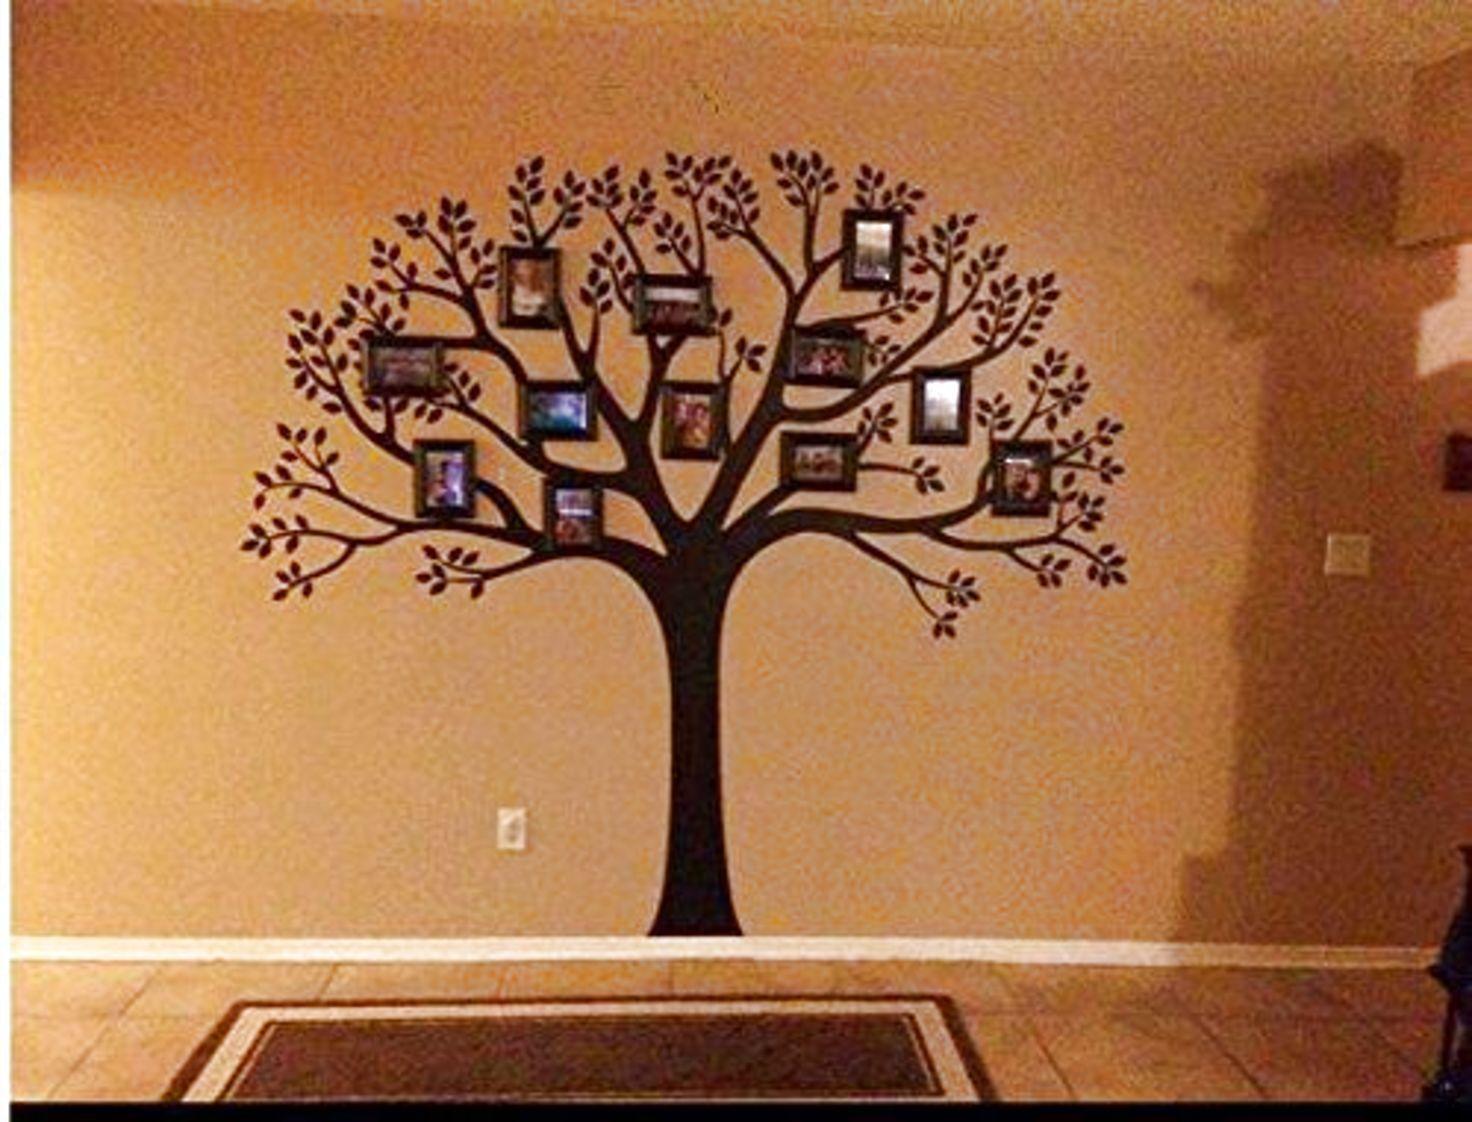 Luckkyy large family photo tree wall decor wall sticker tree branch